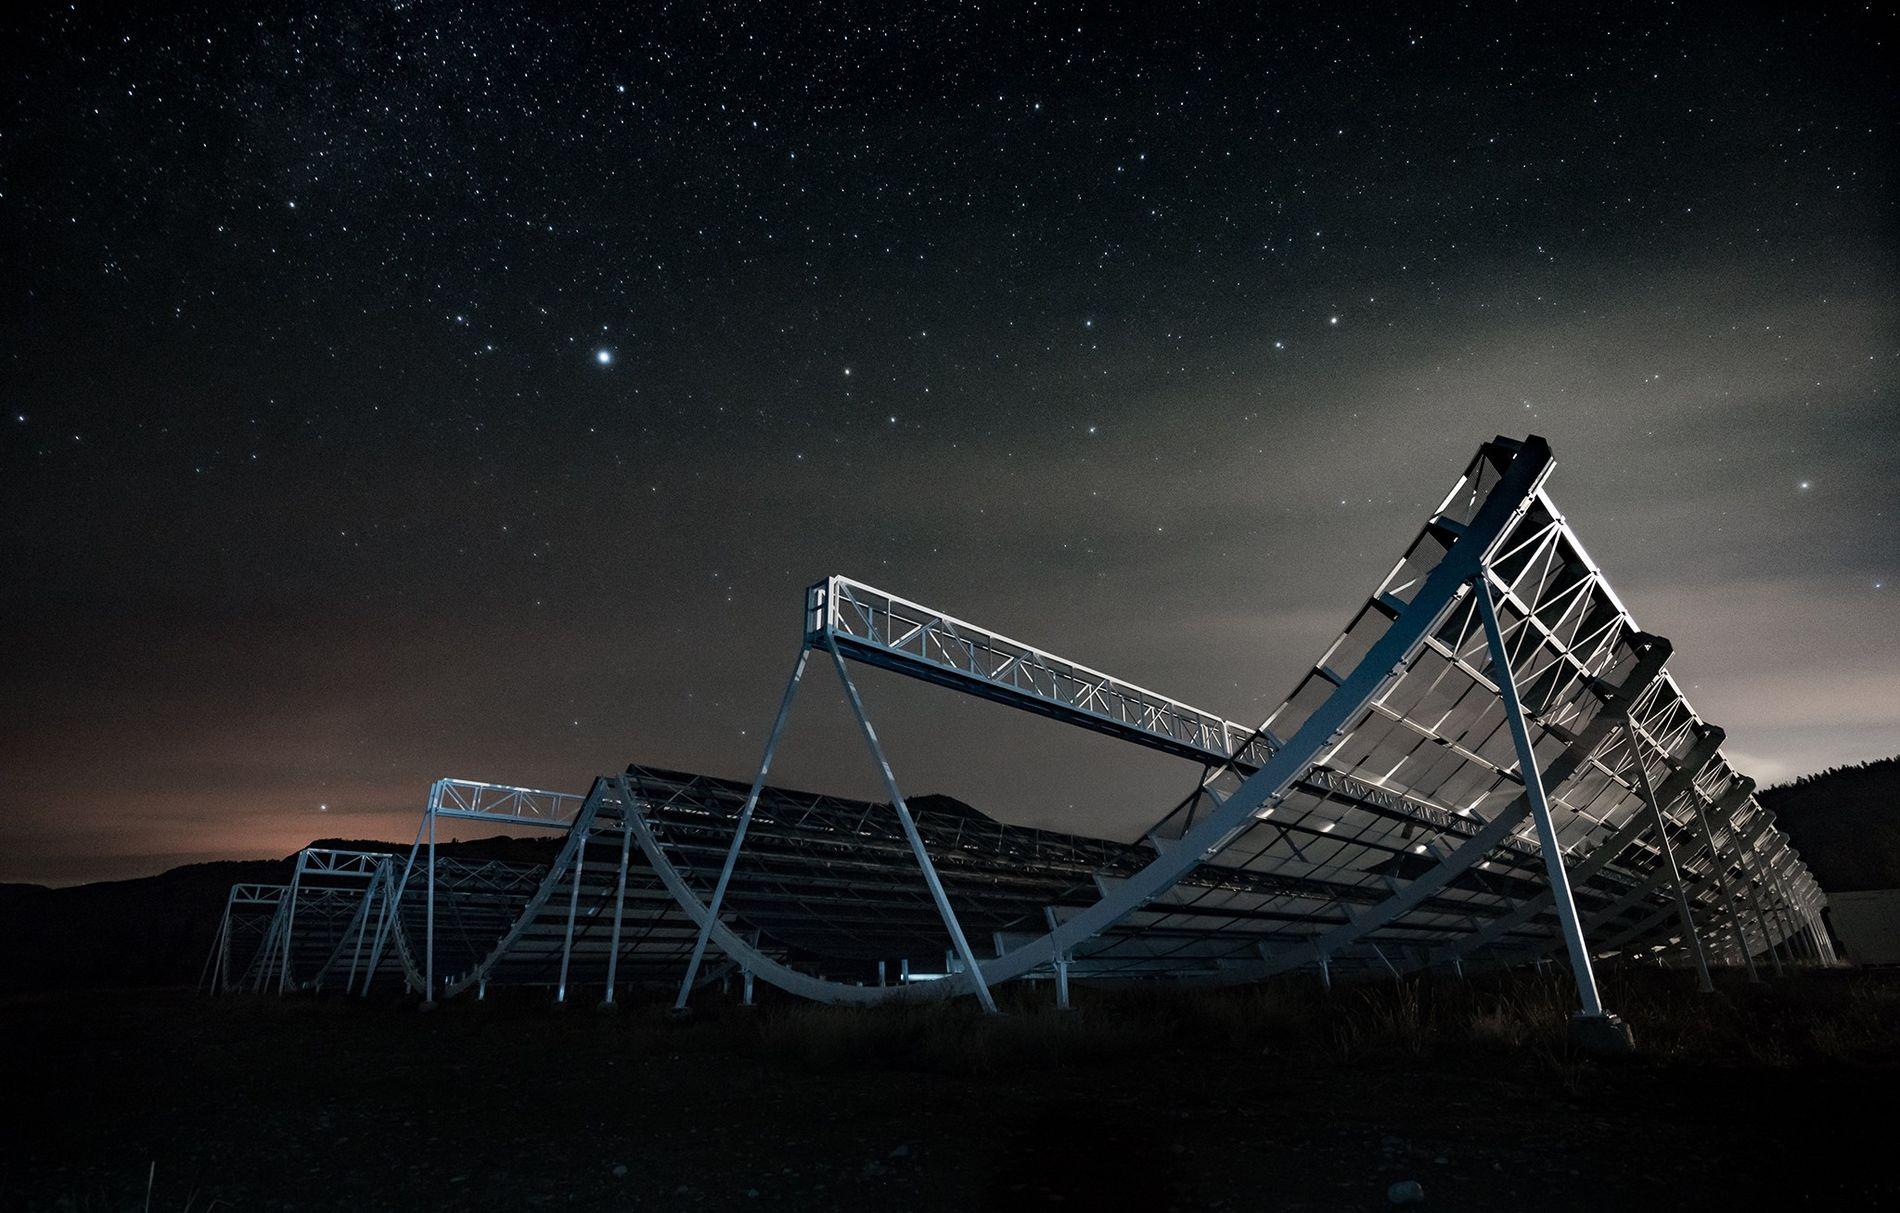 Les étoiles veillent sur l'bservatoire fédéral de radioastrophysique de Kaleden, en Colombie-Britannique, qui abrite le télescope ...